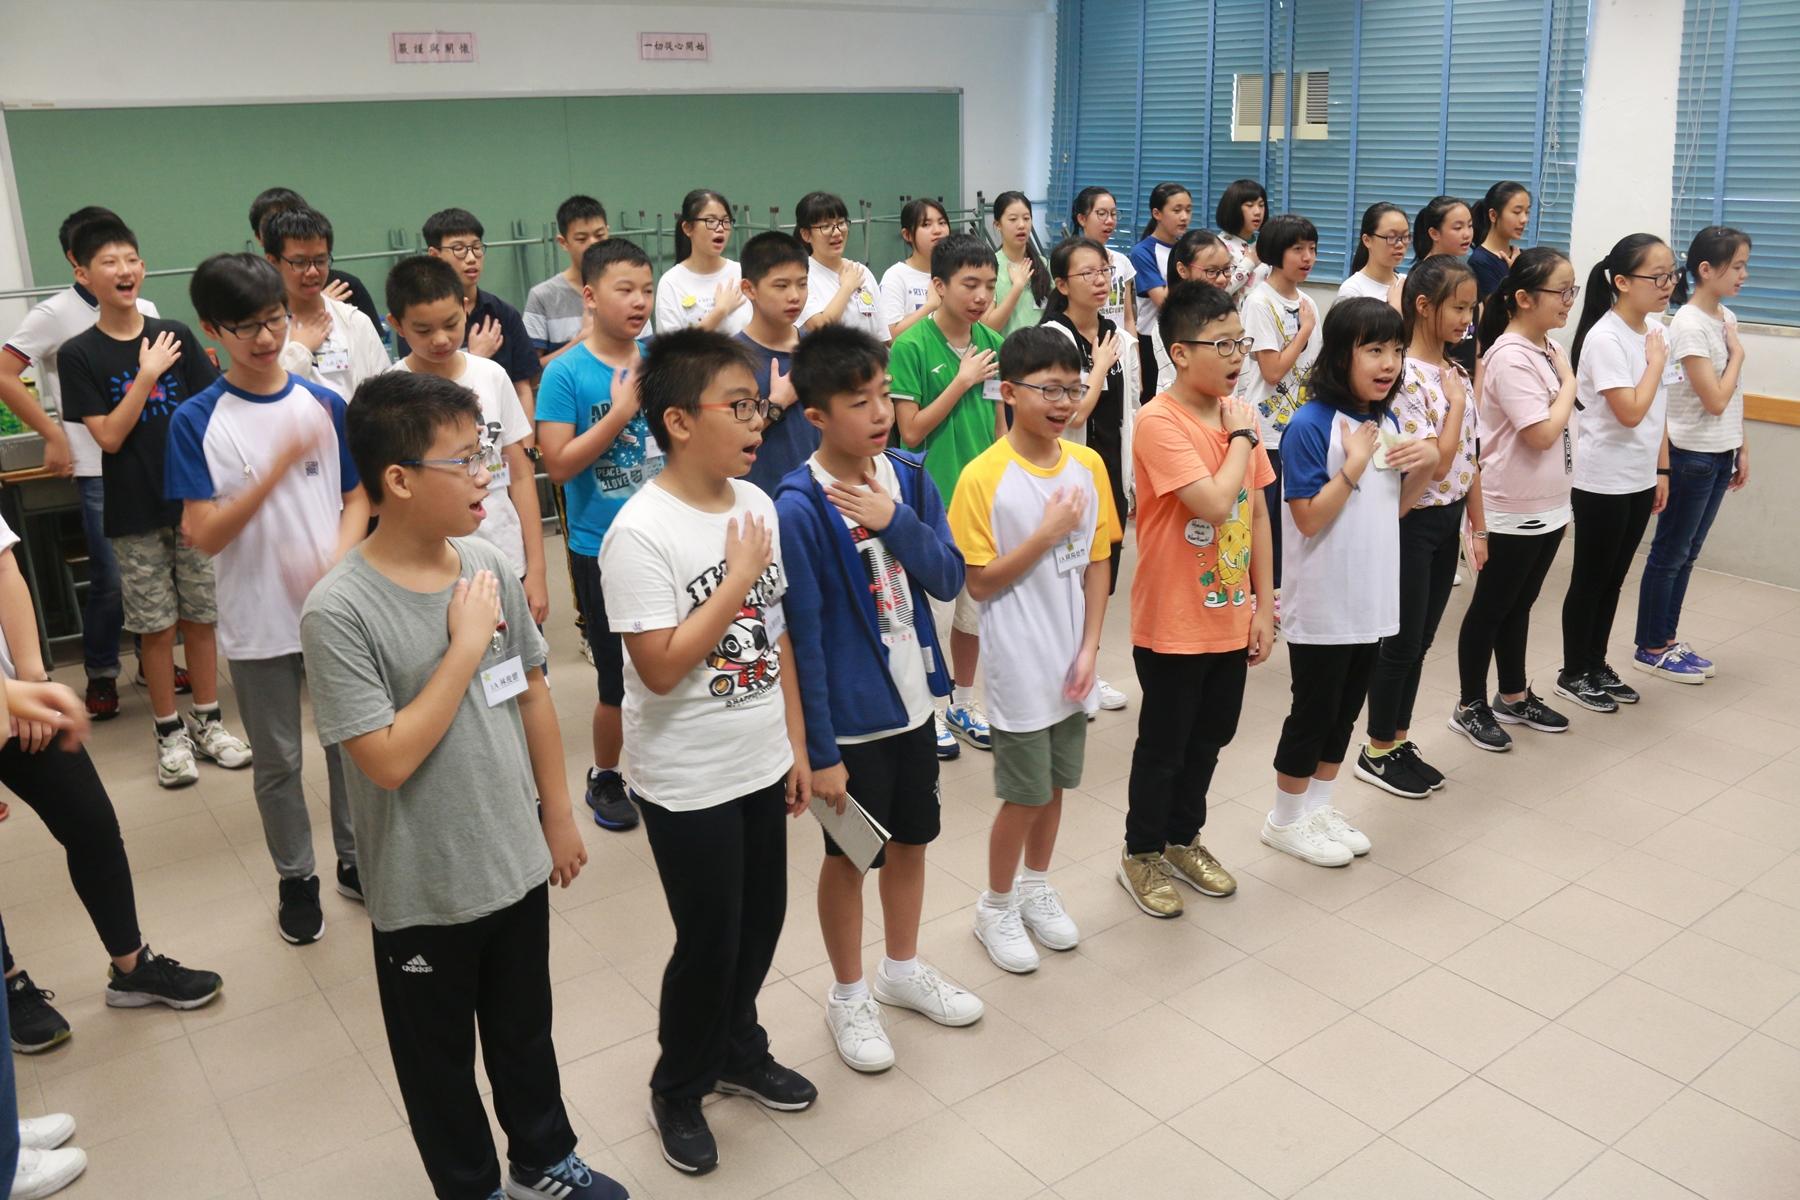 http://npc.edu.hk/sites/default/files/1a_zhong_ying_bing_chong_01.jpg